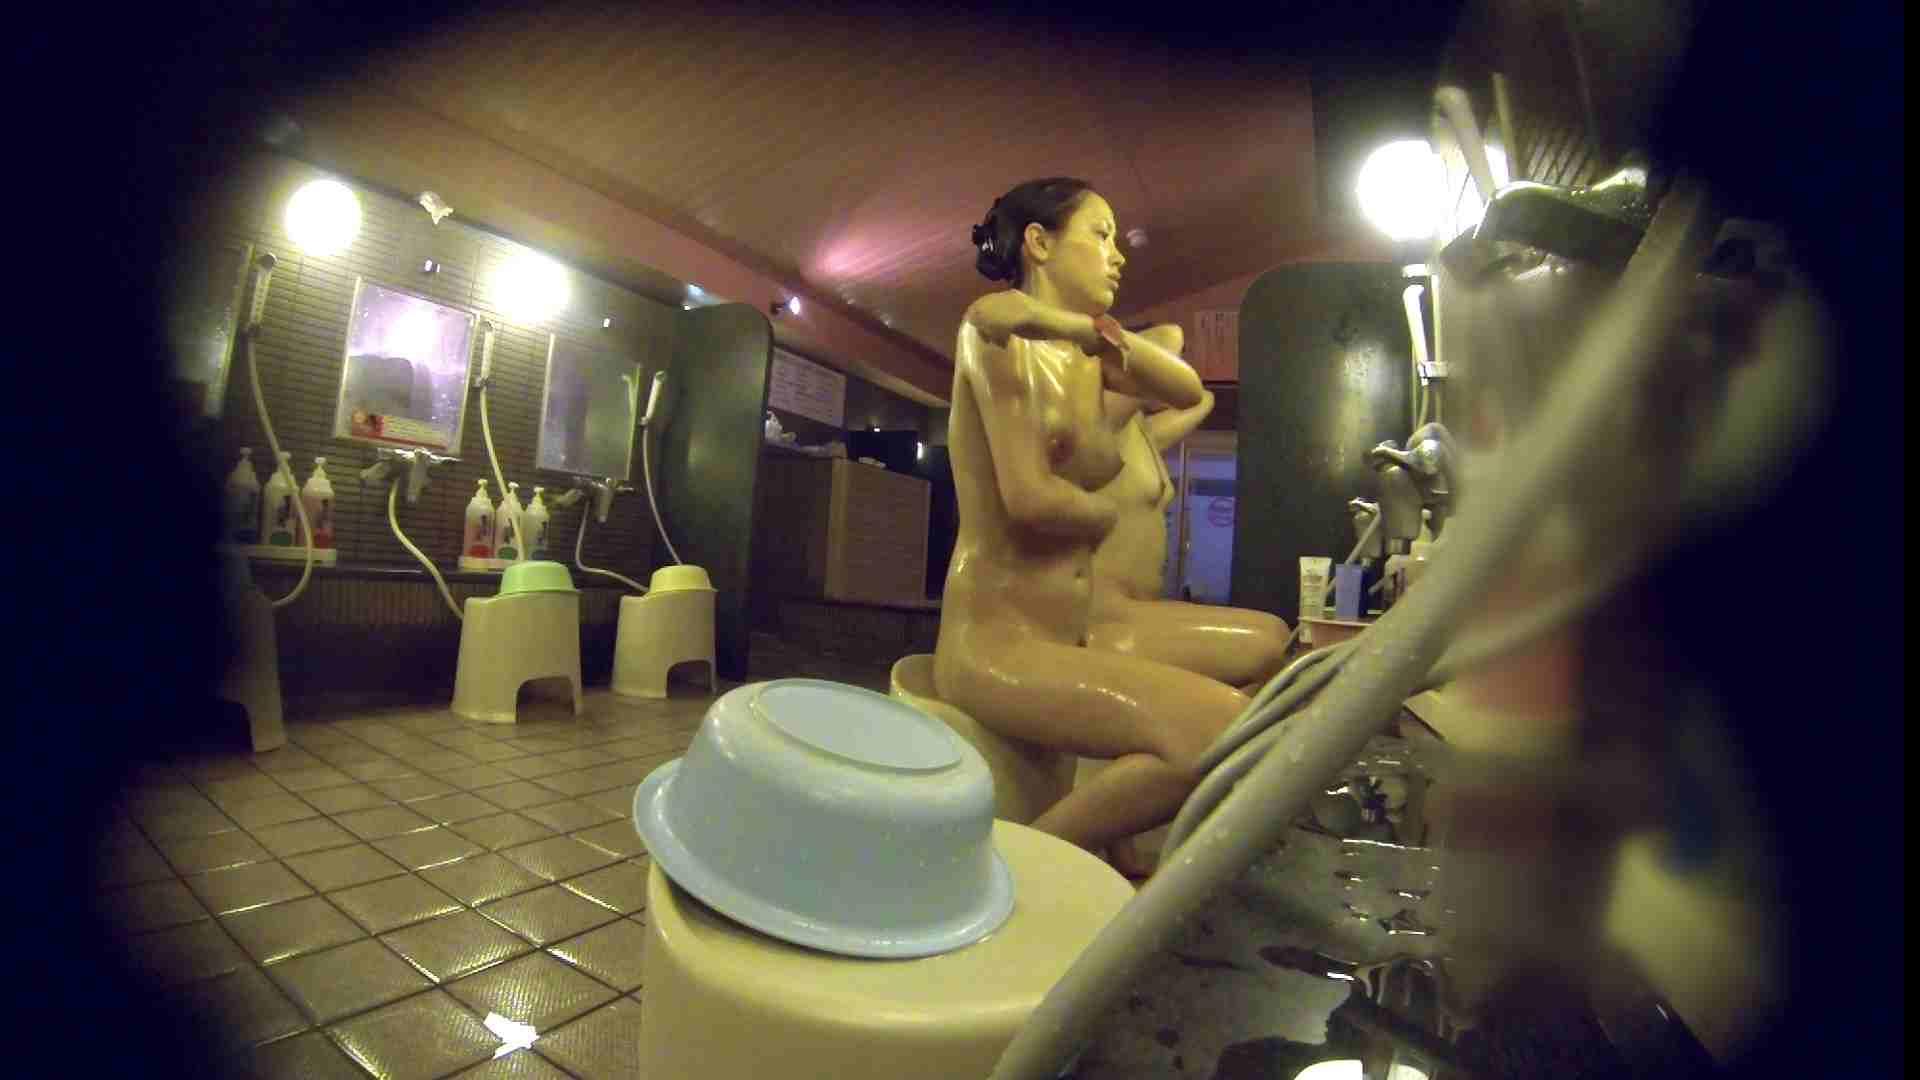 洗い場!スタイル抜群で柔らかそうに揺れるオッパイ 女湯の中 アダルト動画キャプチャ 107画像 67